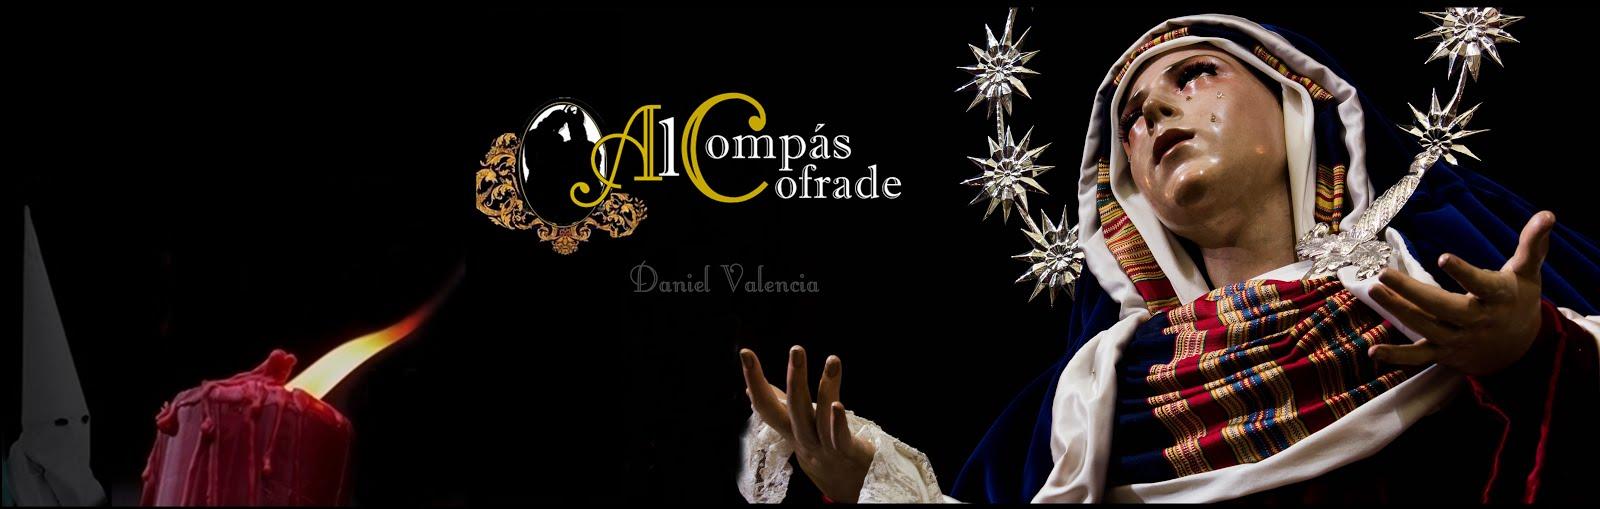 """""""Al compás cofrade"""" Daniel Valencia"""